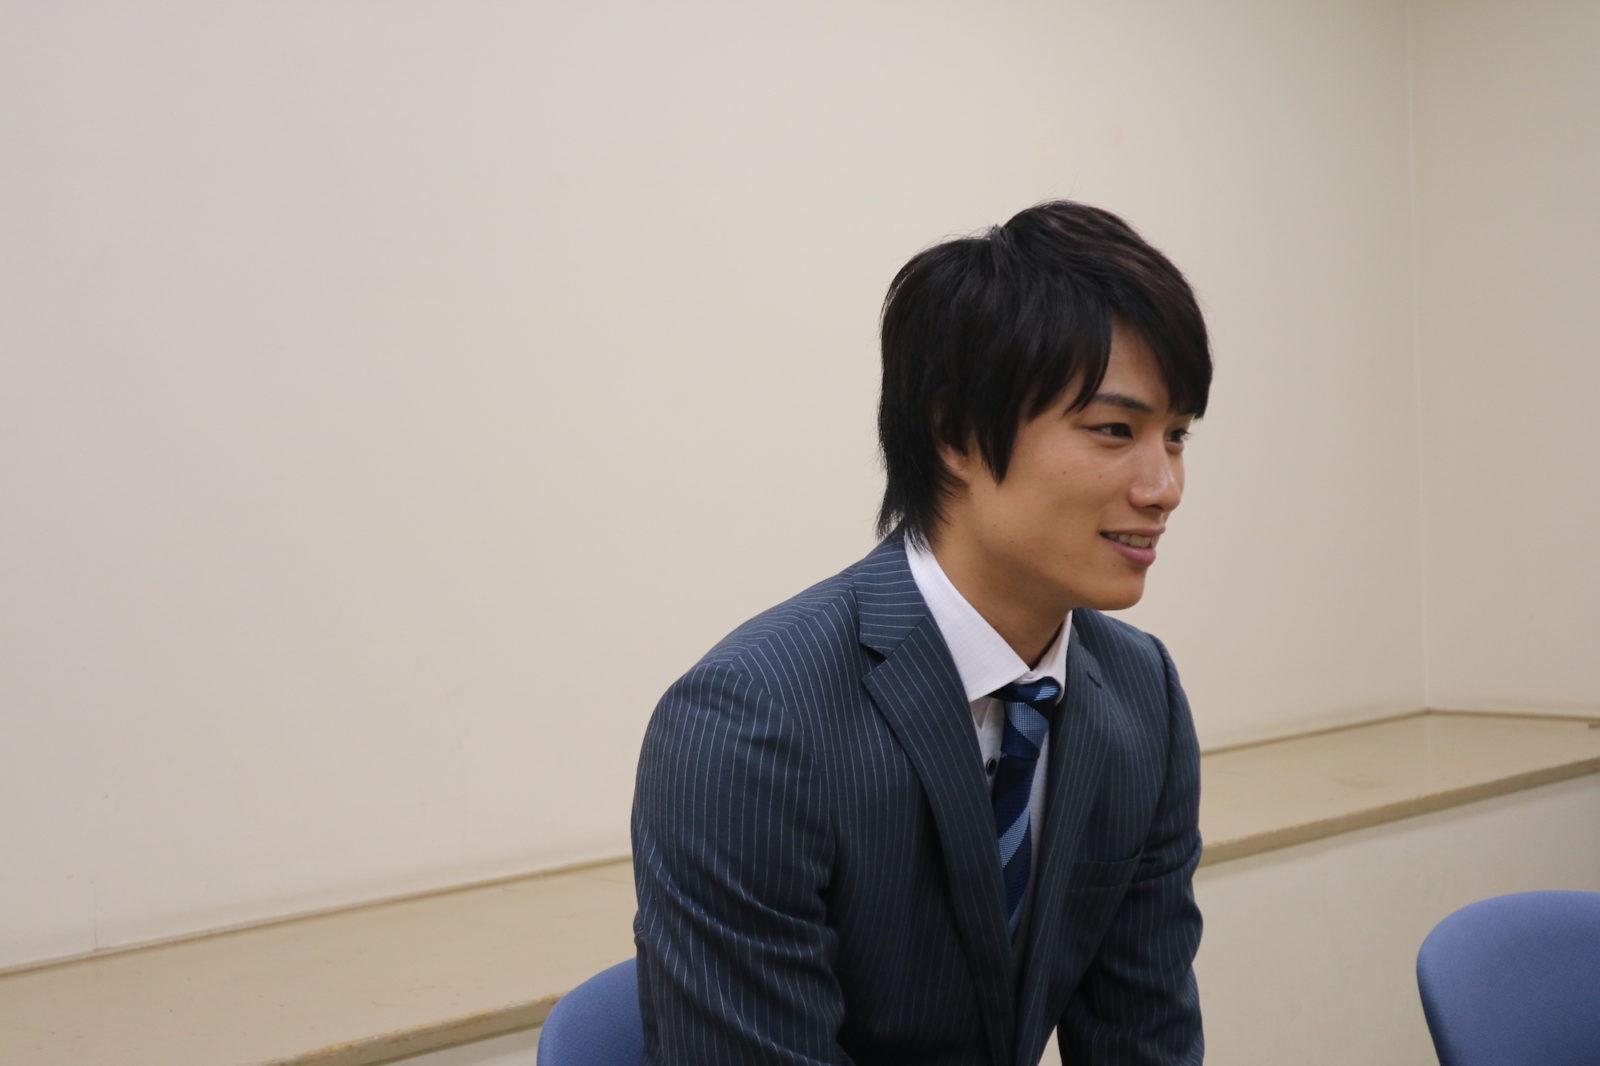 有島役で人気急上昇中の俳優・鈴木伸之が『あなそれ』と自身を語る! 「本当『クズだな』って声、多いですね(笑)」【インタビュー】画像37081